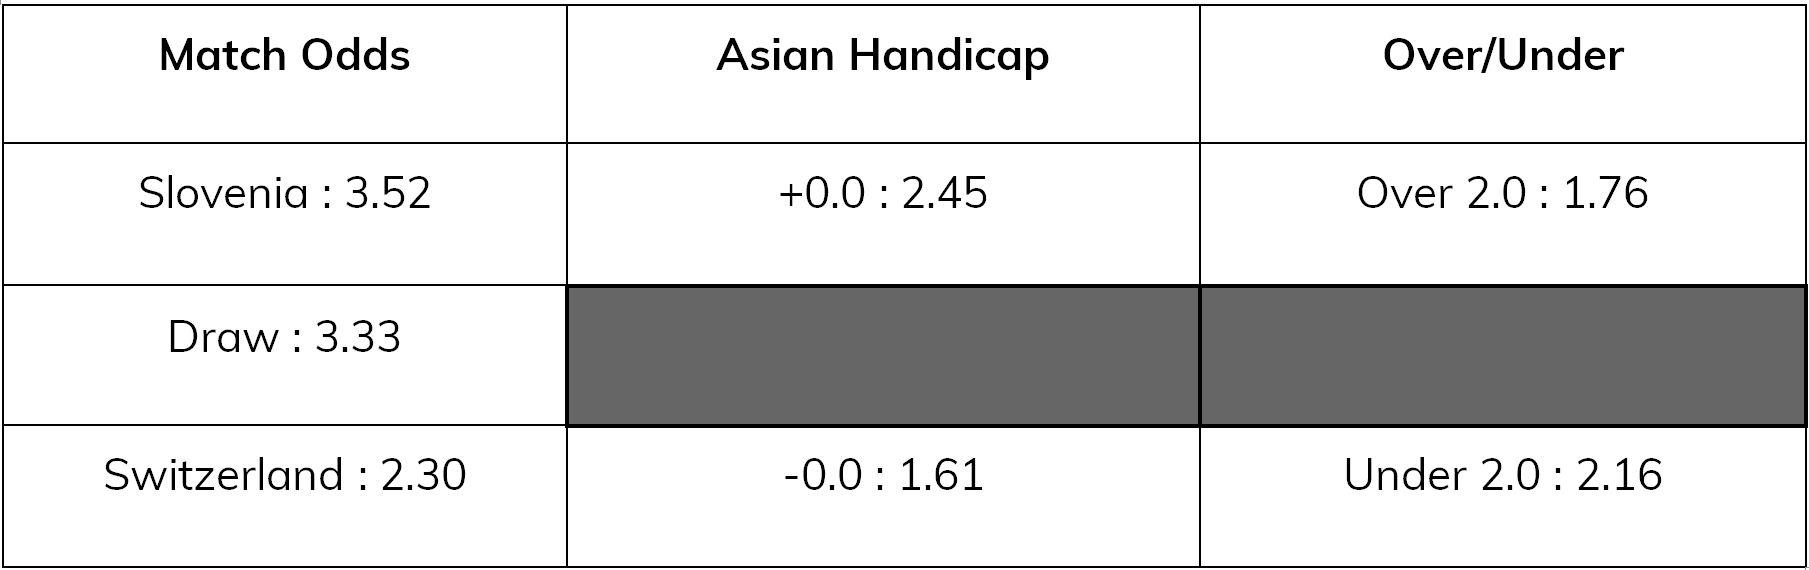 serbia-v-switzerland-asian-handicap-eastbridge6